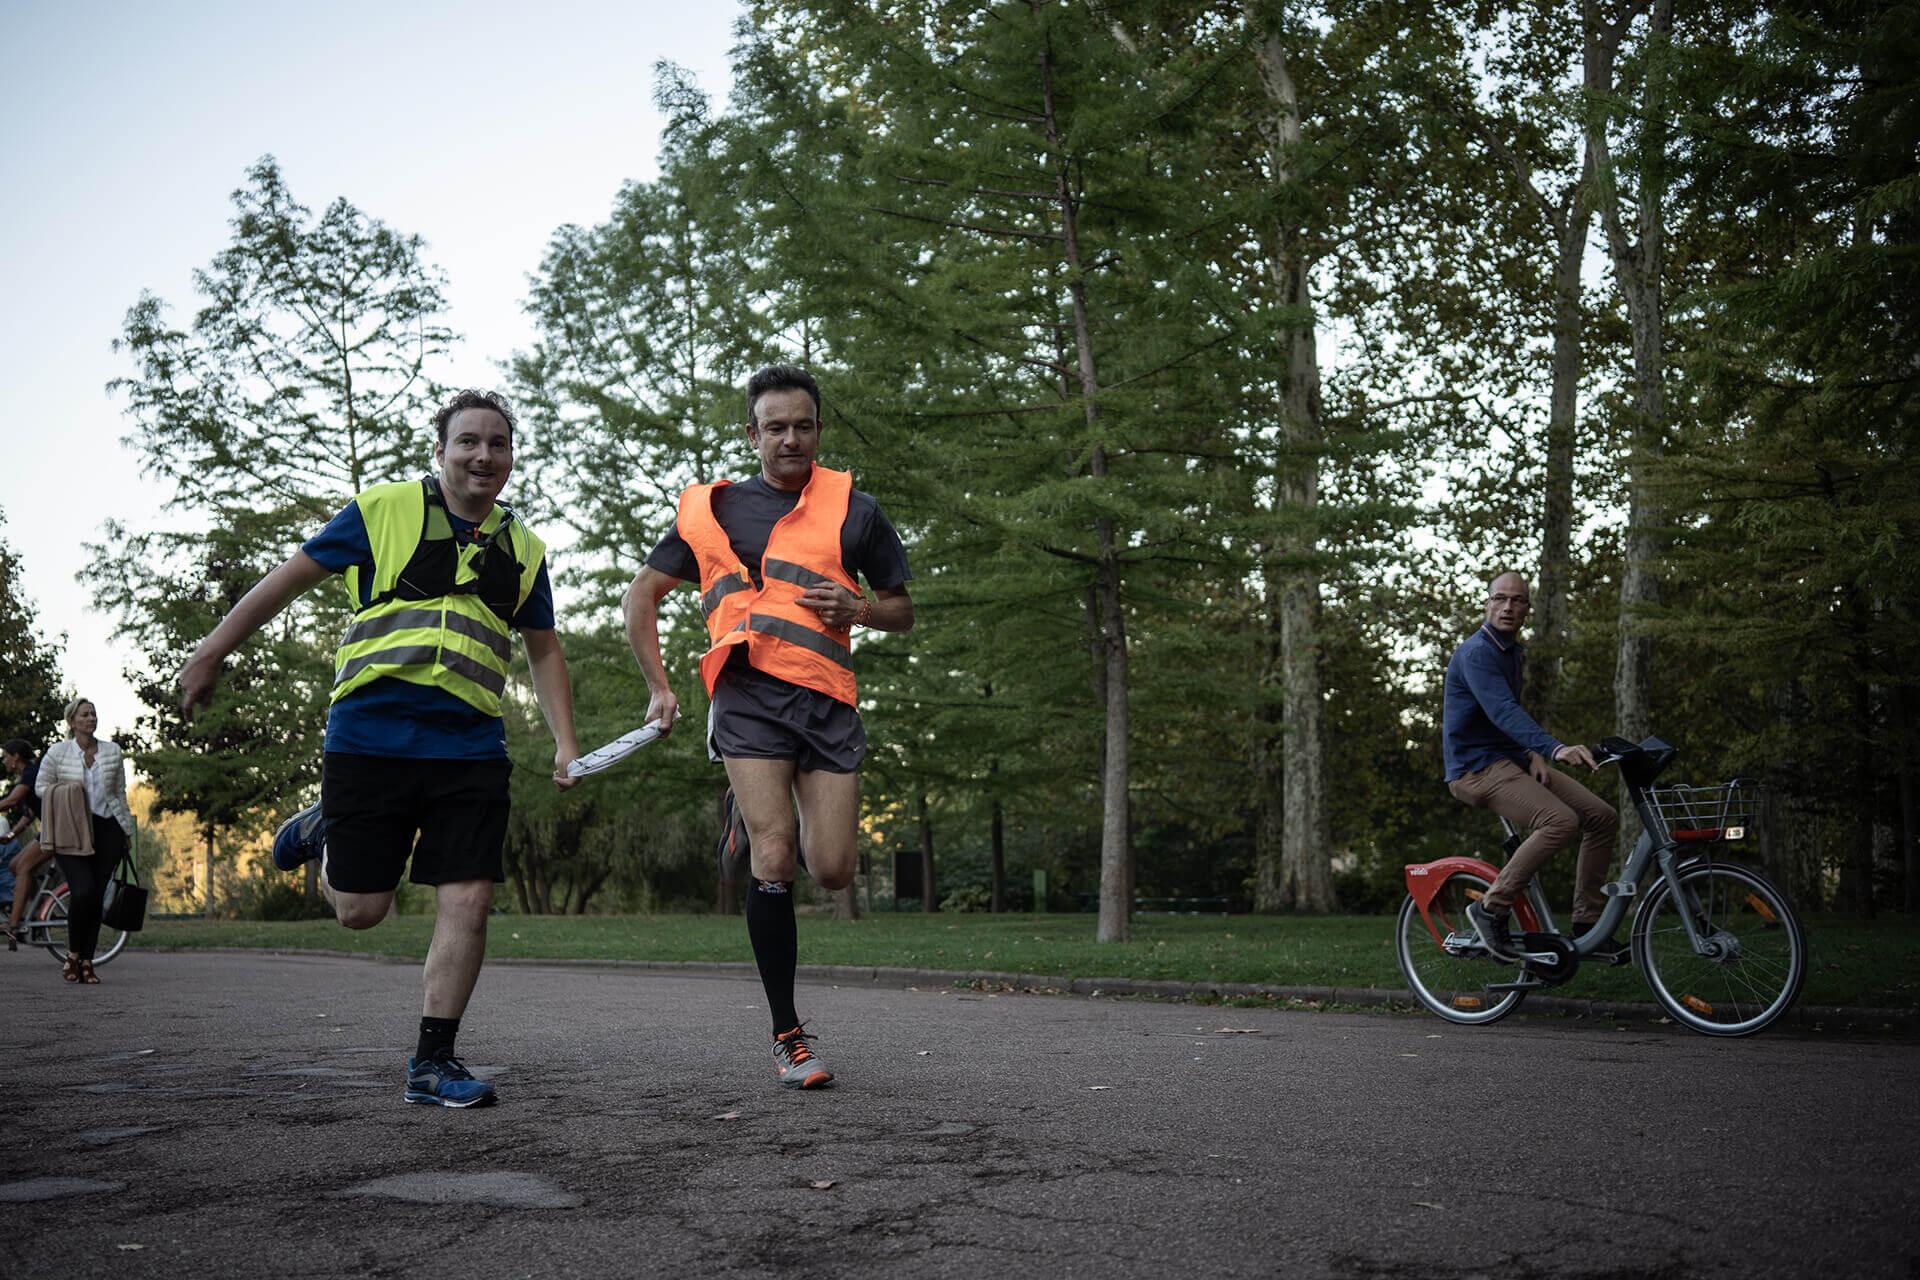 Jocelyn court avec Jean-Michel dans l'une des allées du parc de la Tête d'Or. Un bandeau les relie. Sur la gauche de la photo, on peut voir une femme qui rentre probablement du travail tandis qu'un homme à vélo regarde les coureurs, sur la droite.